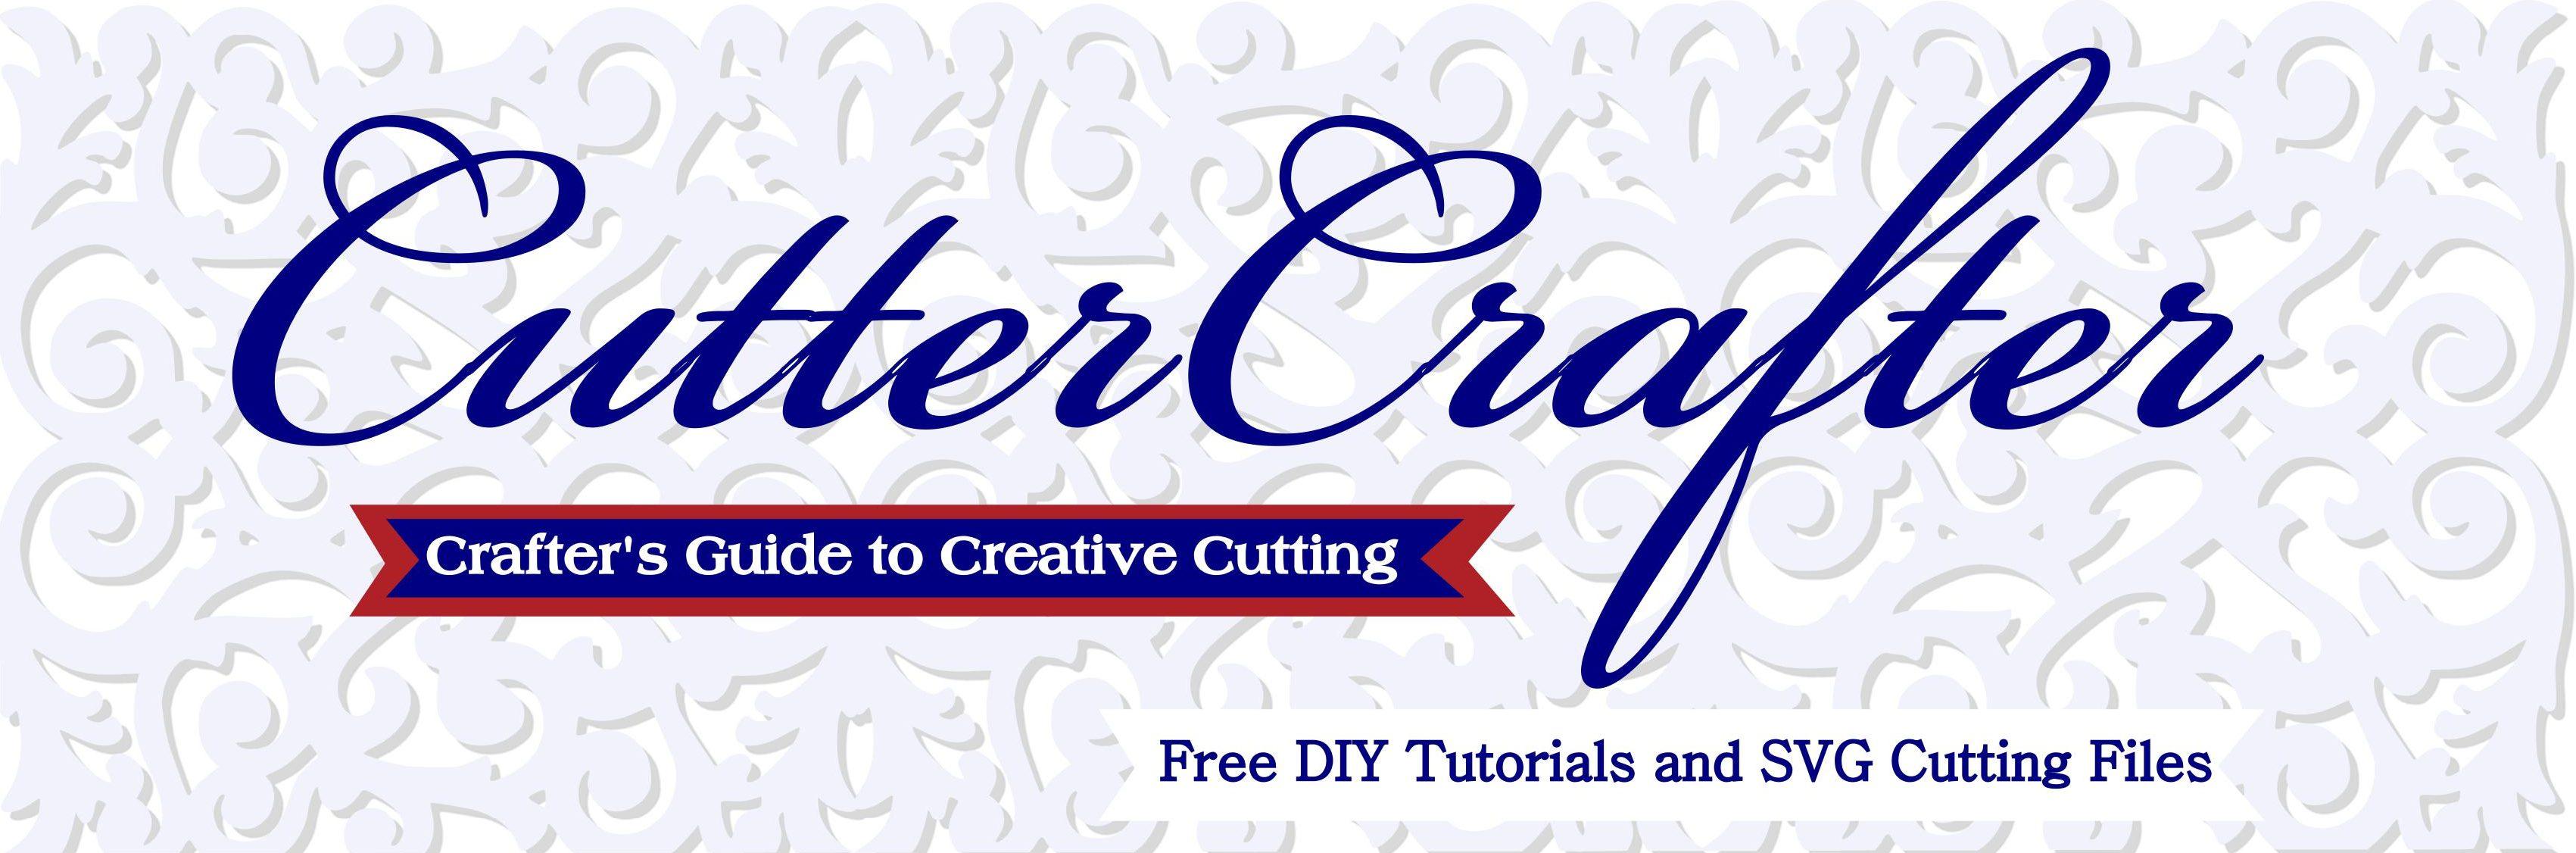 CutterCrafter